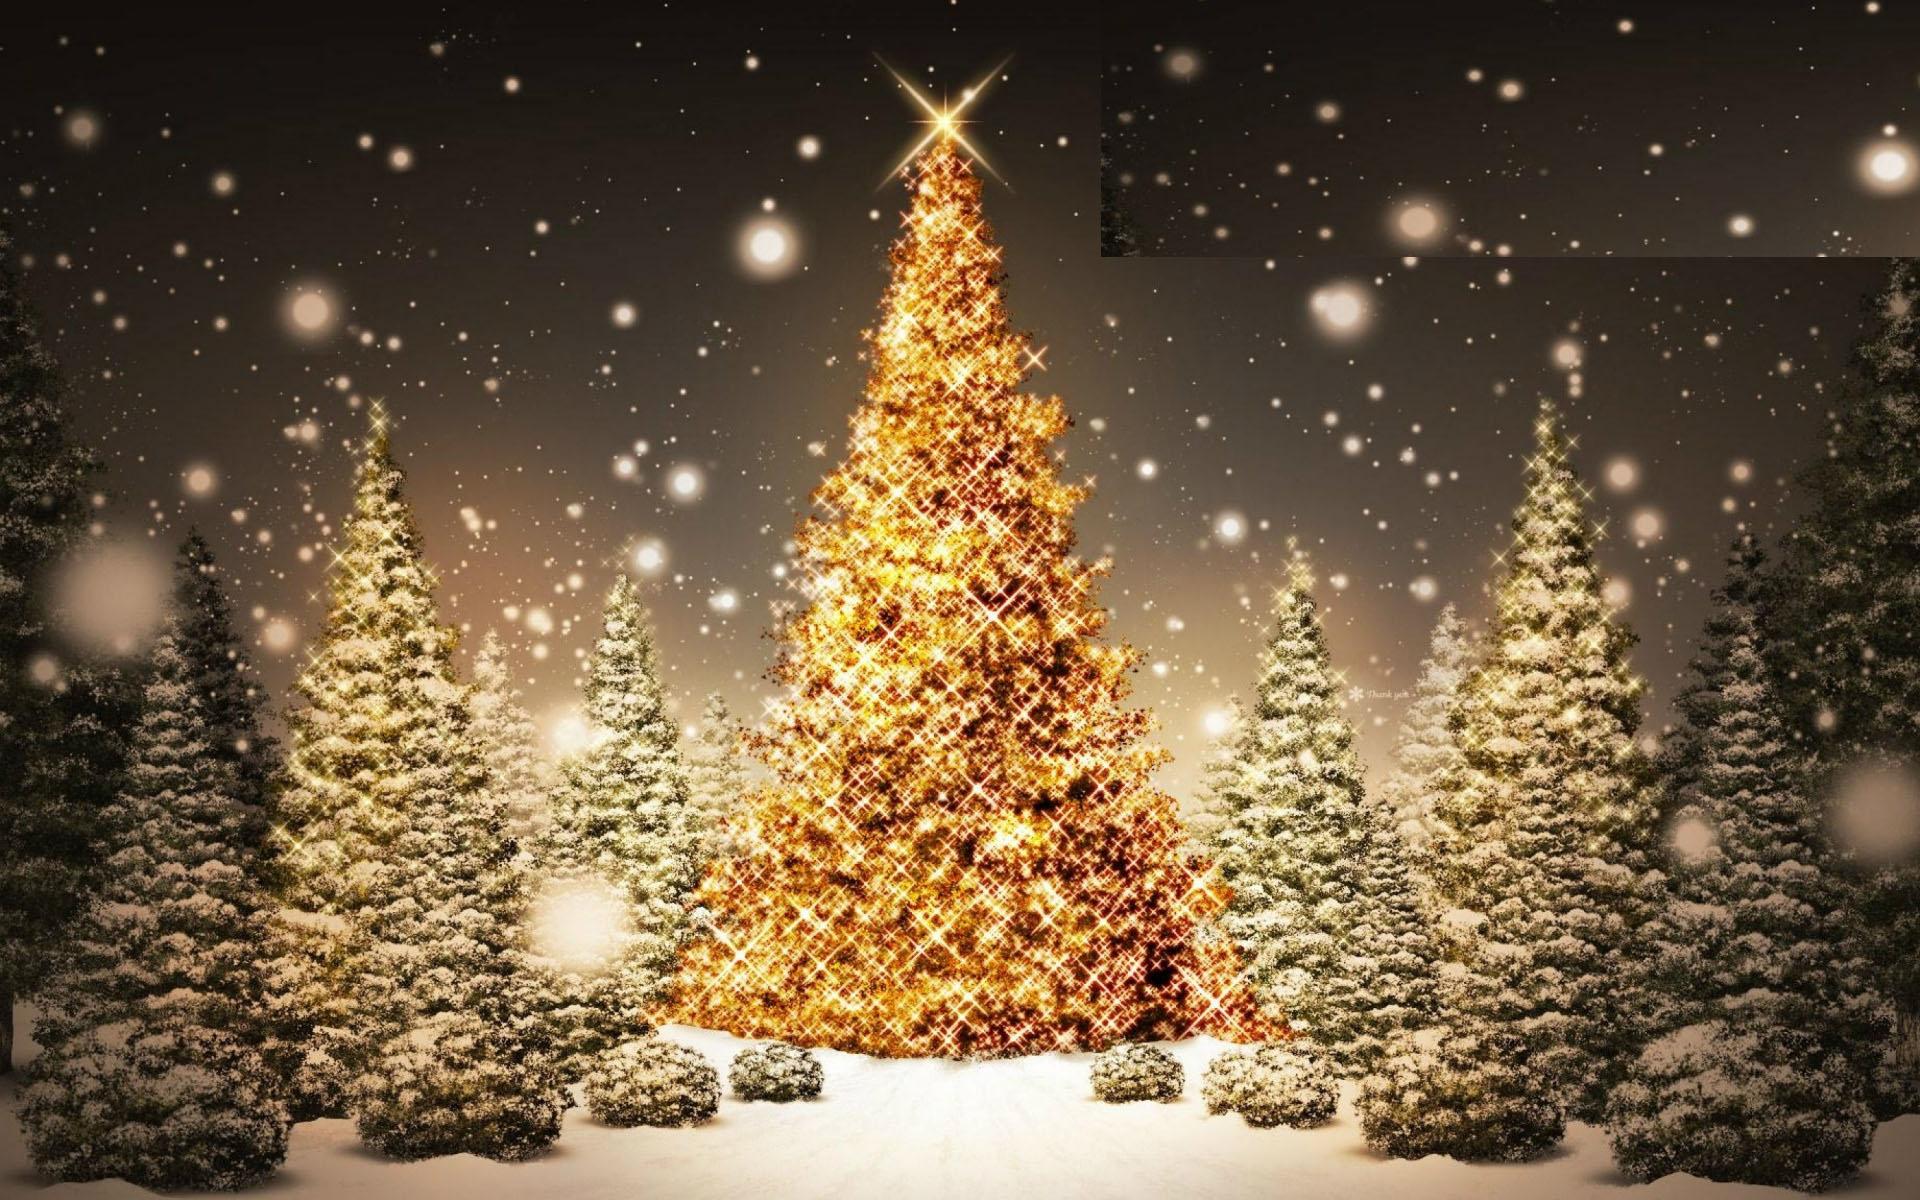 Immo Knokke Real Estate vous souhaite nos voeux les plus chaleureux pour un No��l plein de joies et une Nouvelle ann��e plein de bonheur!